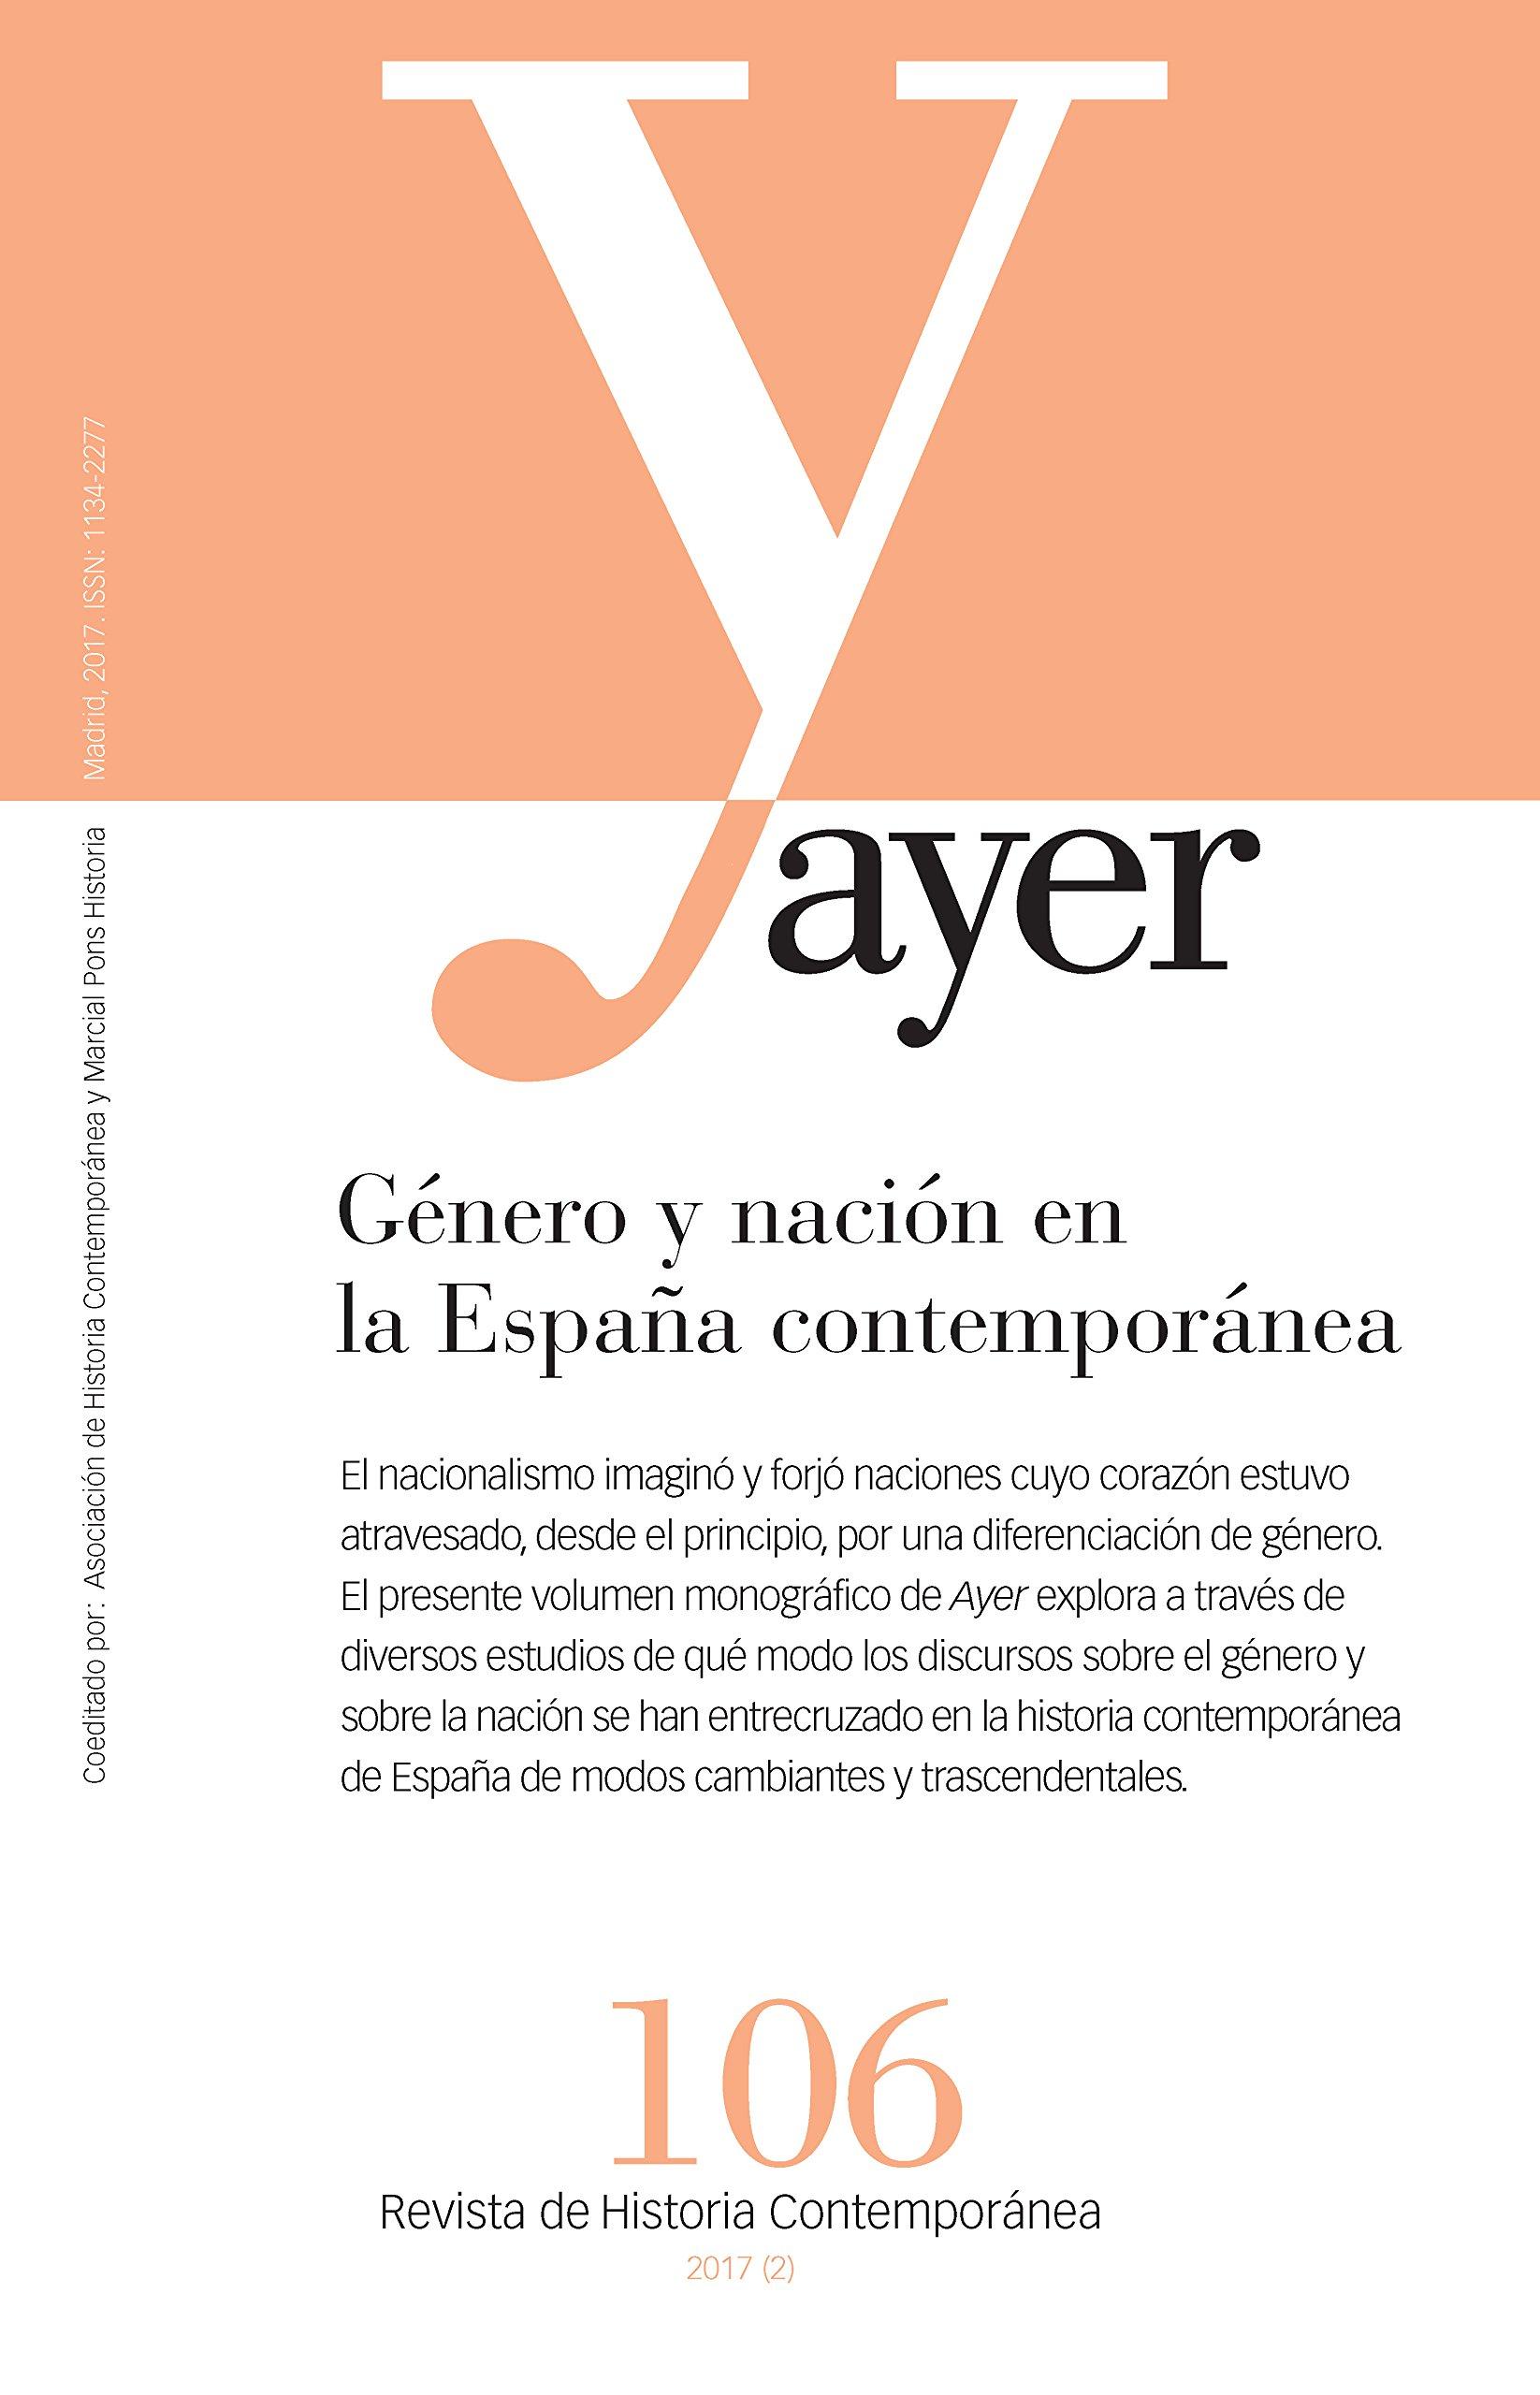 Género y nación en la España contemporánea: Ayer 106 Revista Ayer: Amazon.es: Andreu Miralles, Xavier: Libros